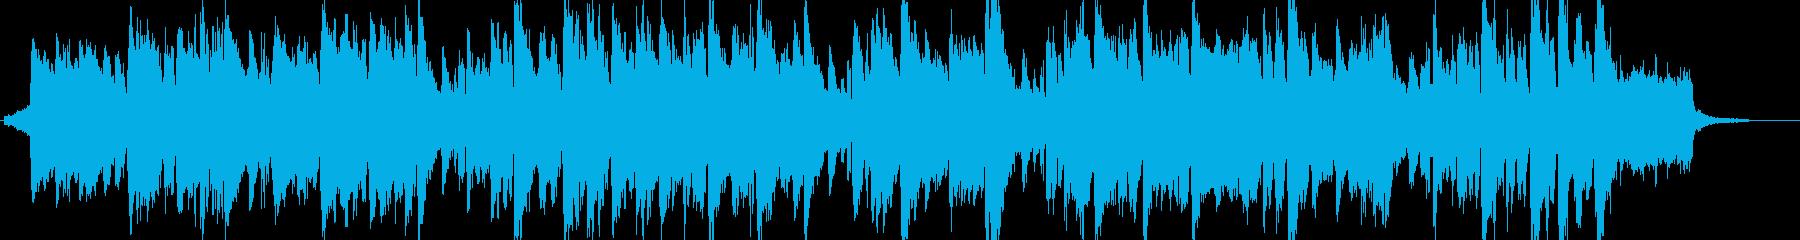 哀愁なトランペットなオーケストラ曲の再生済みの波形